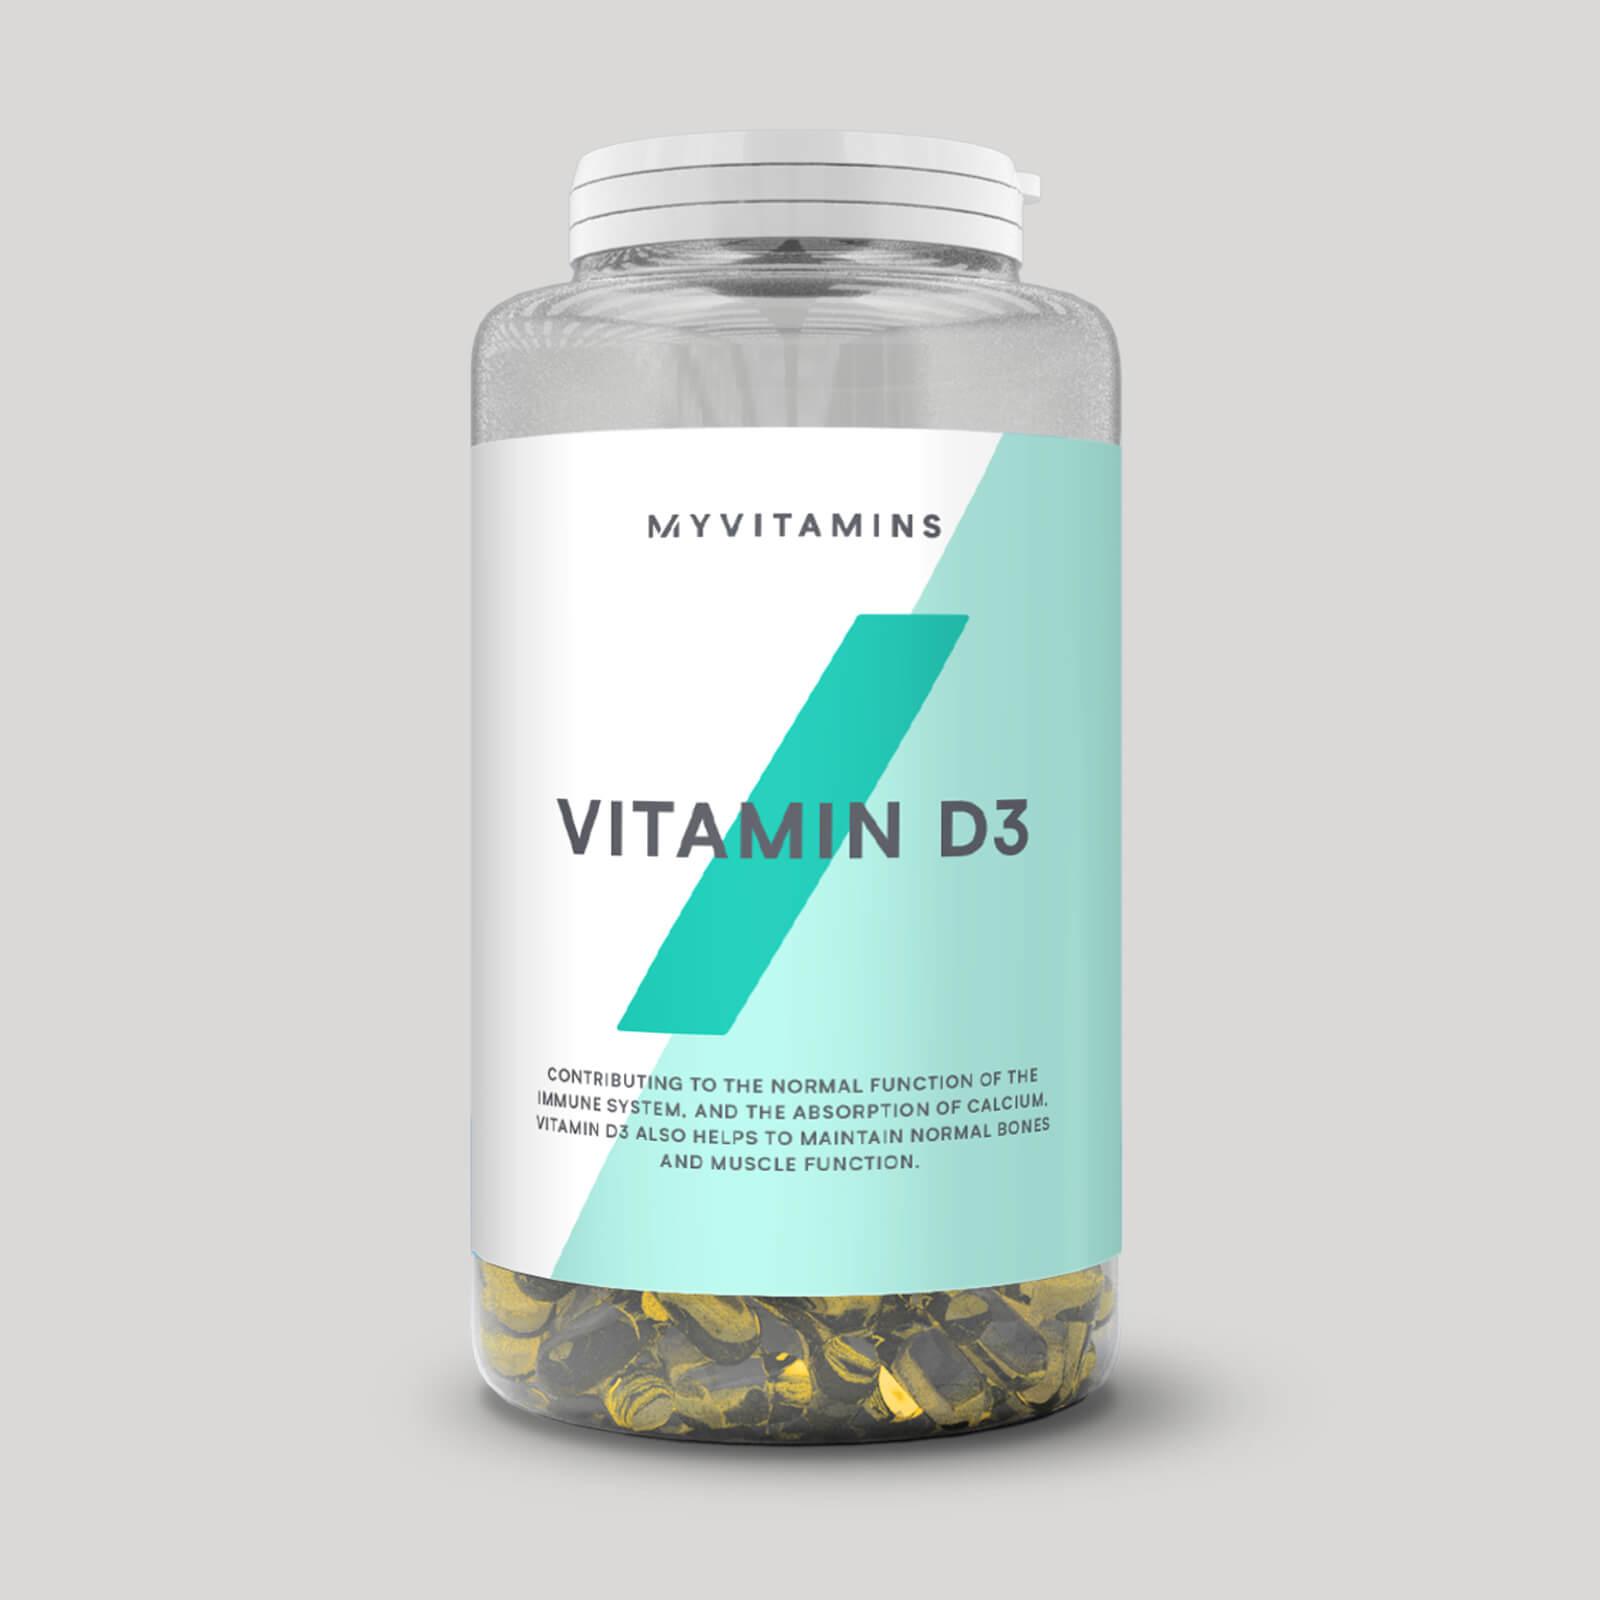 베스트 비타민 D 보충제